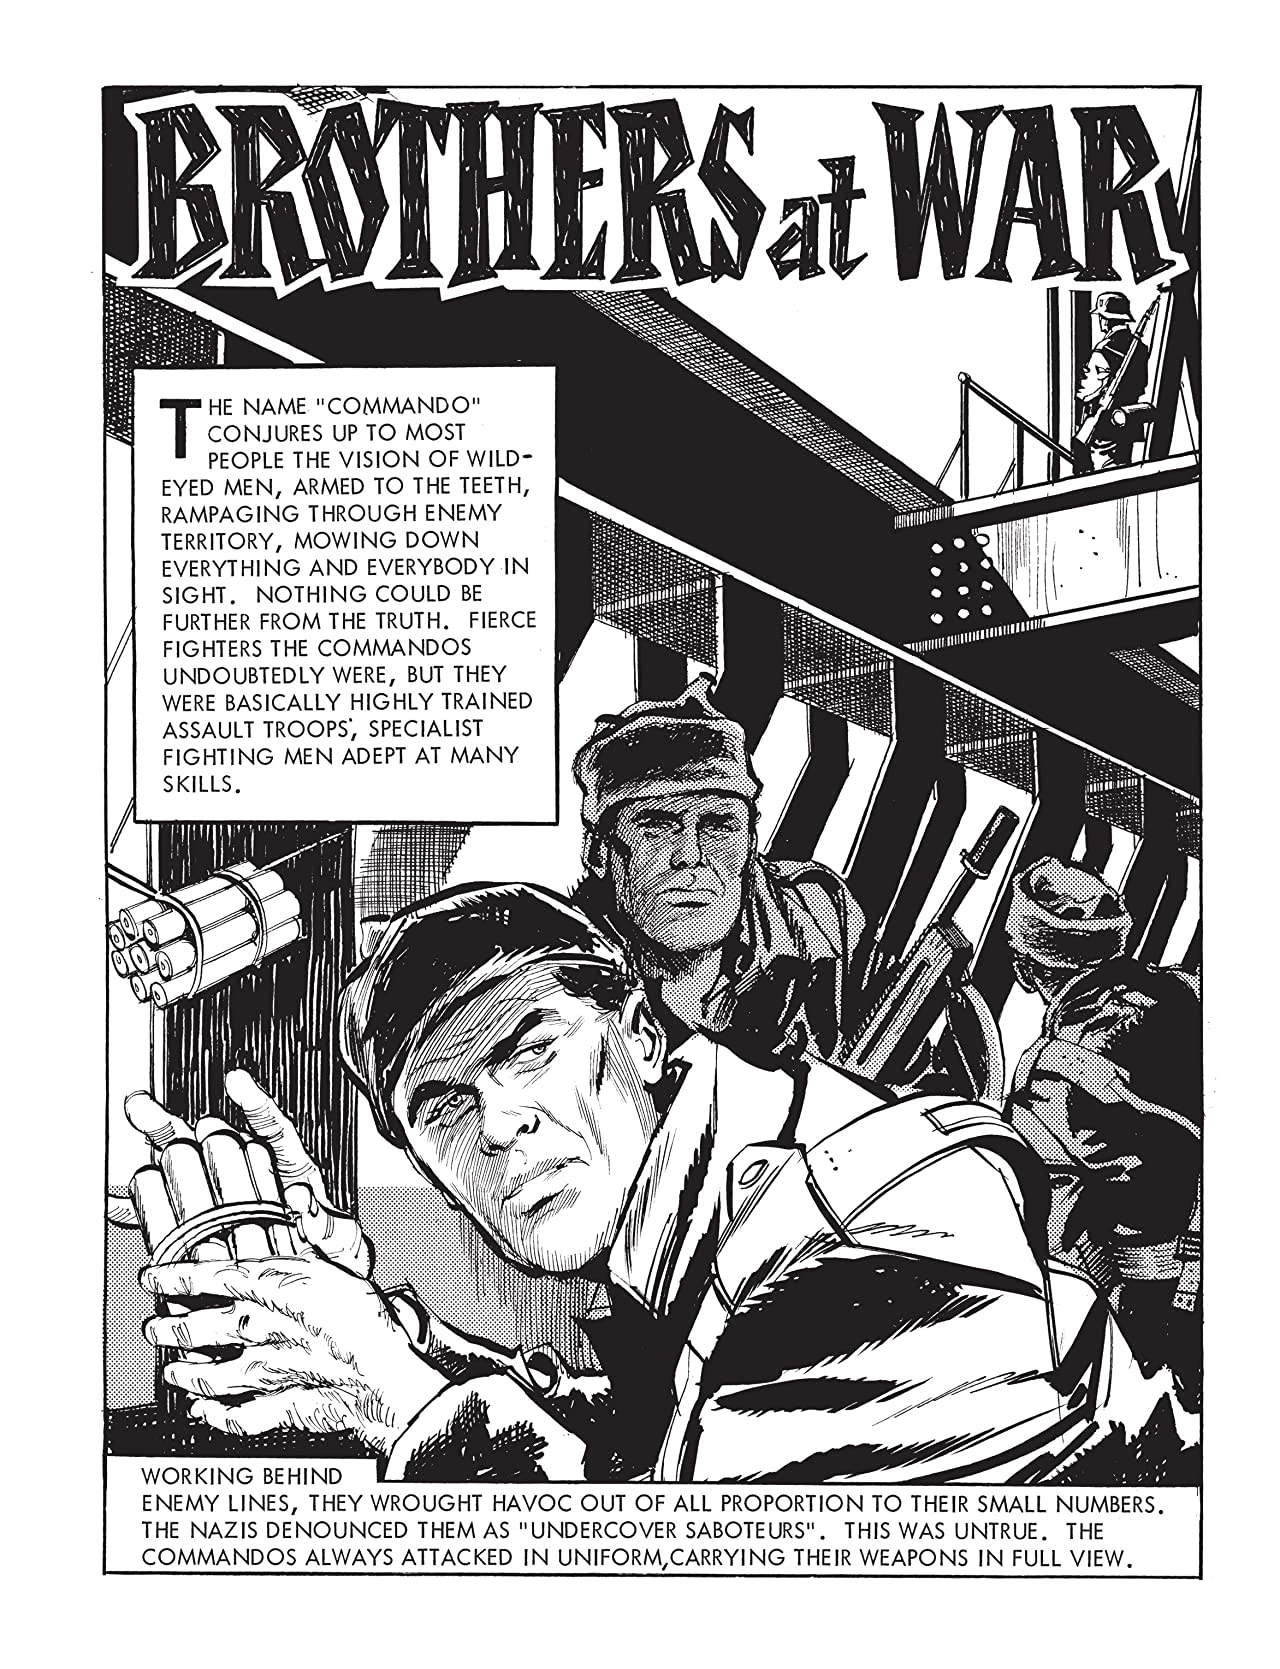 Commando #4784: Brothers at War